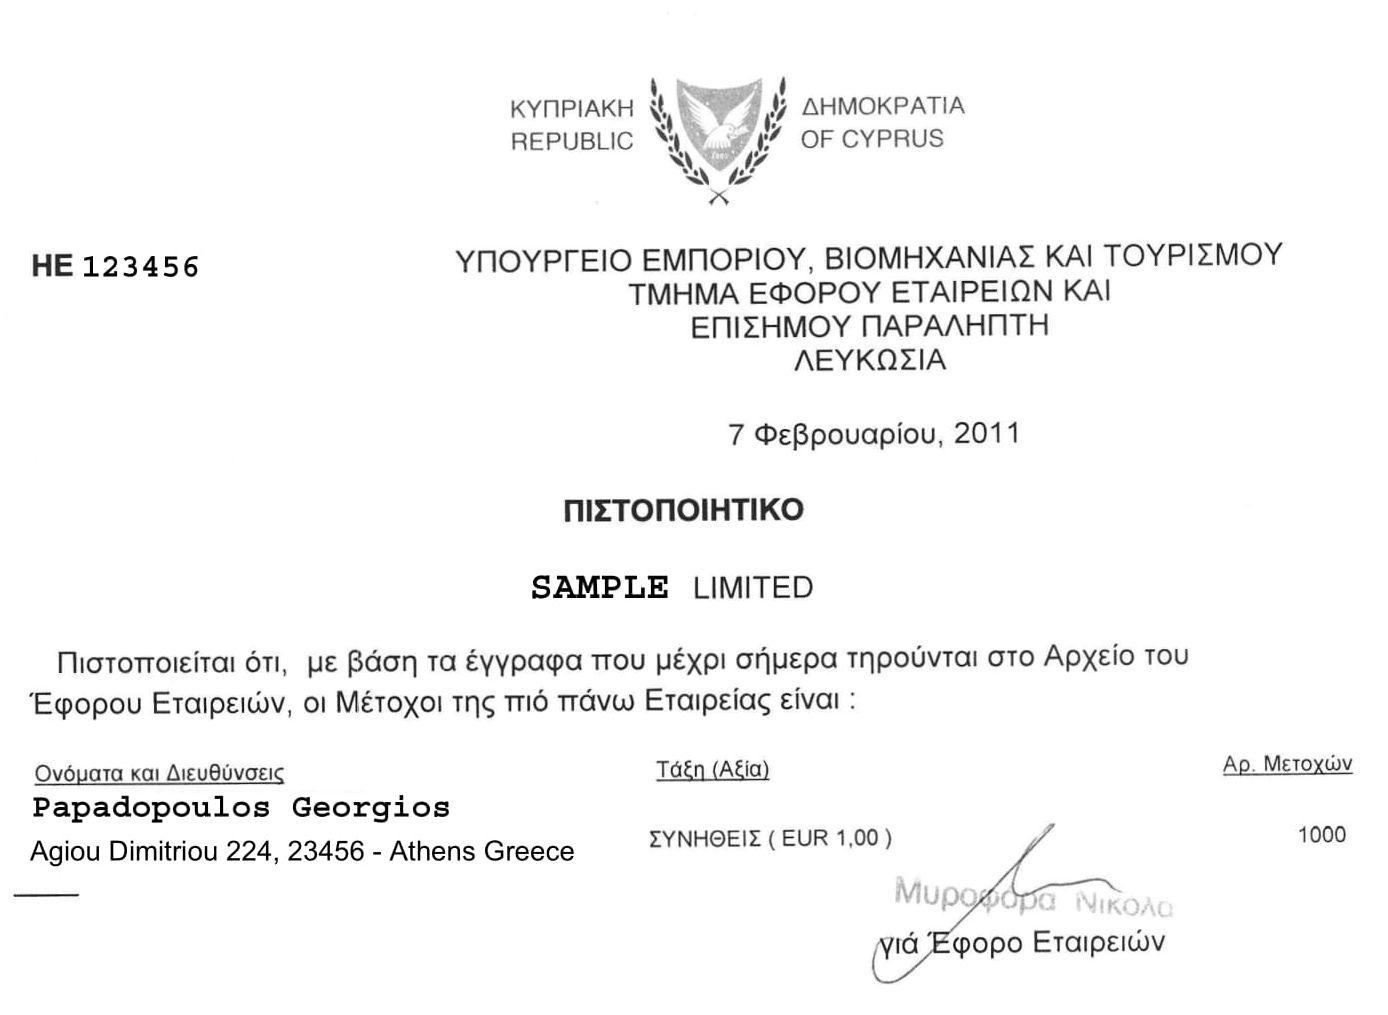 образец сертификата акционеров Certificate of shareholders Кипр на греческом языке